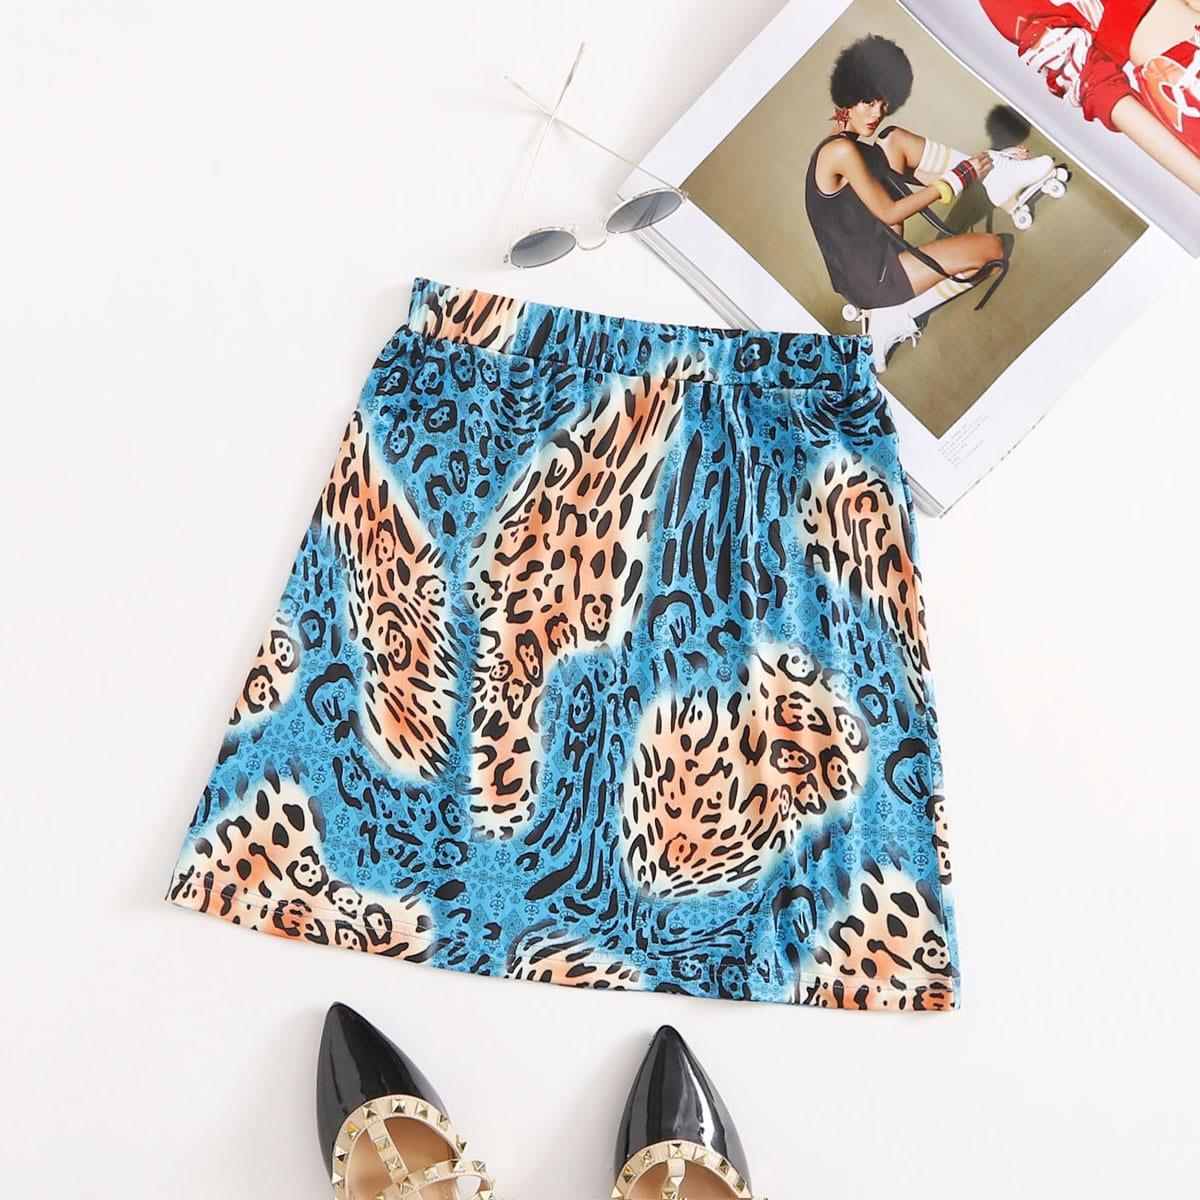 Мини-юбка с леопардовым принтом по цене 300